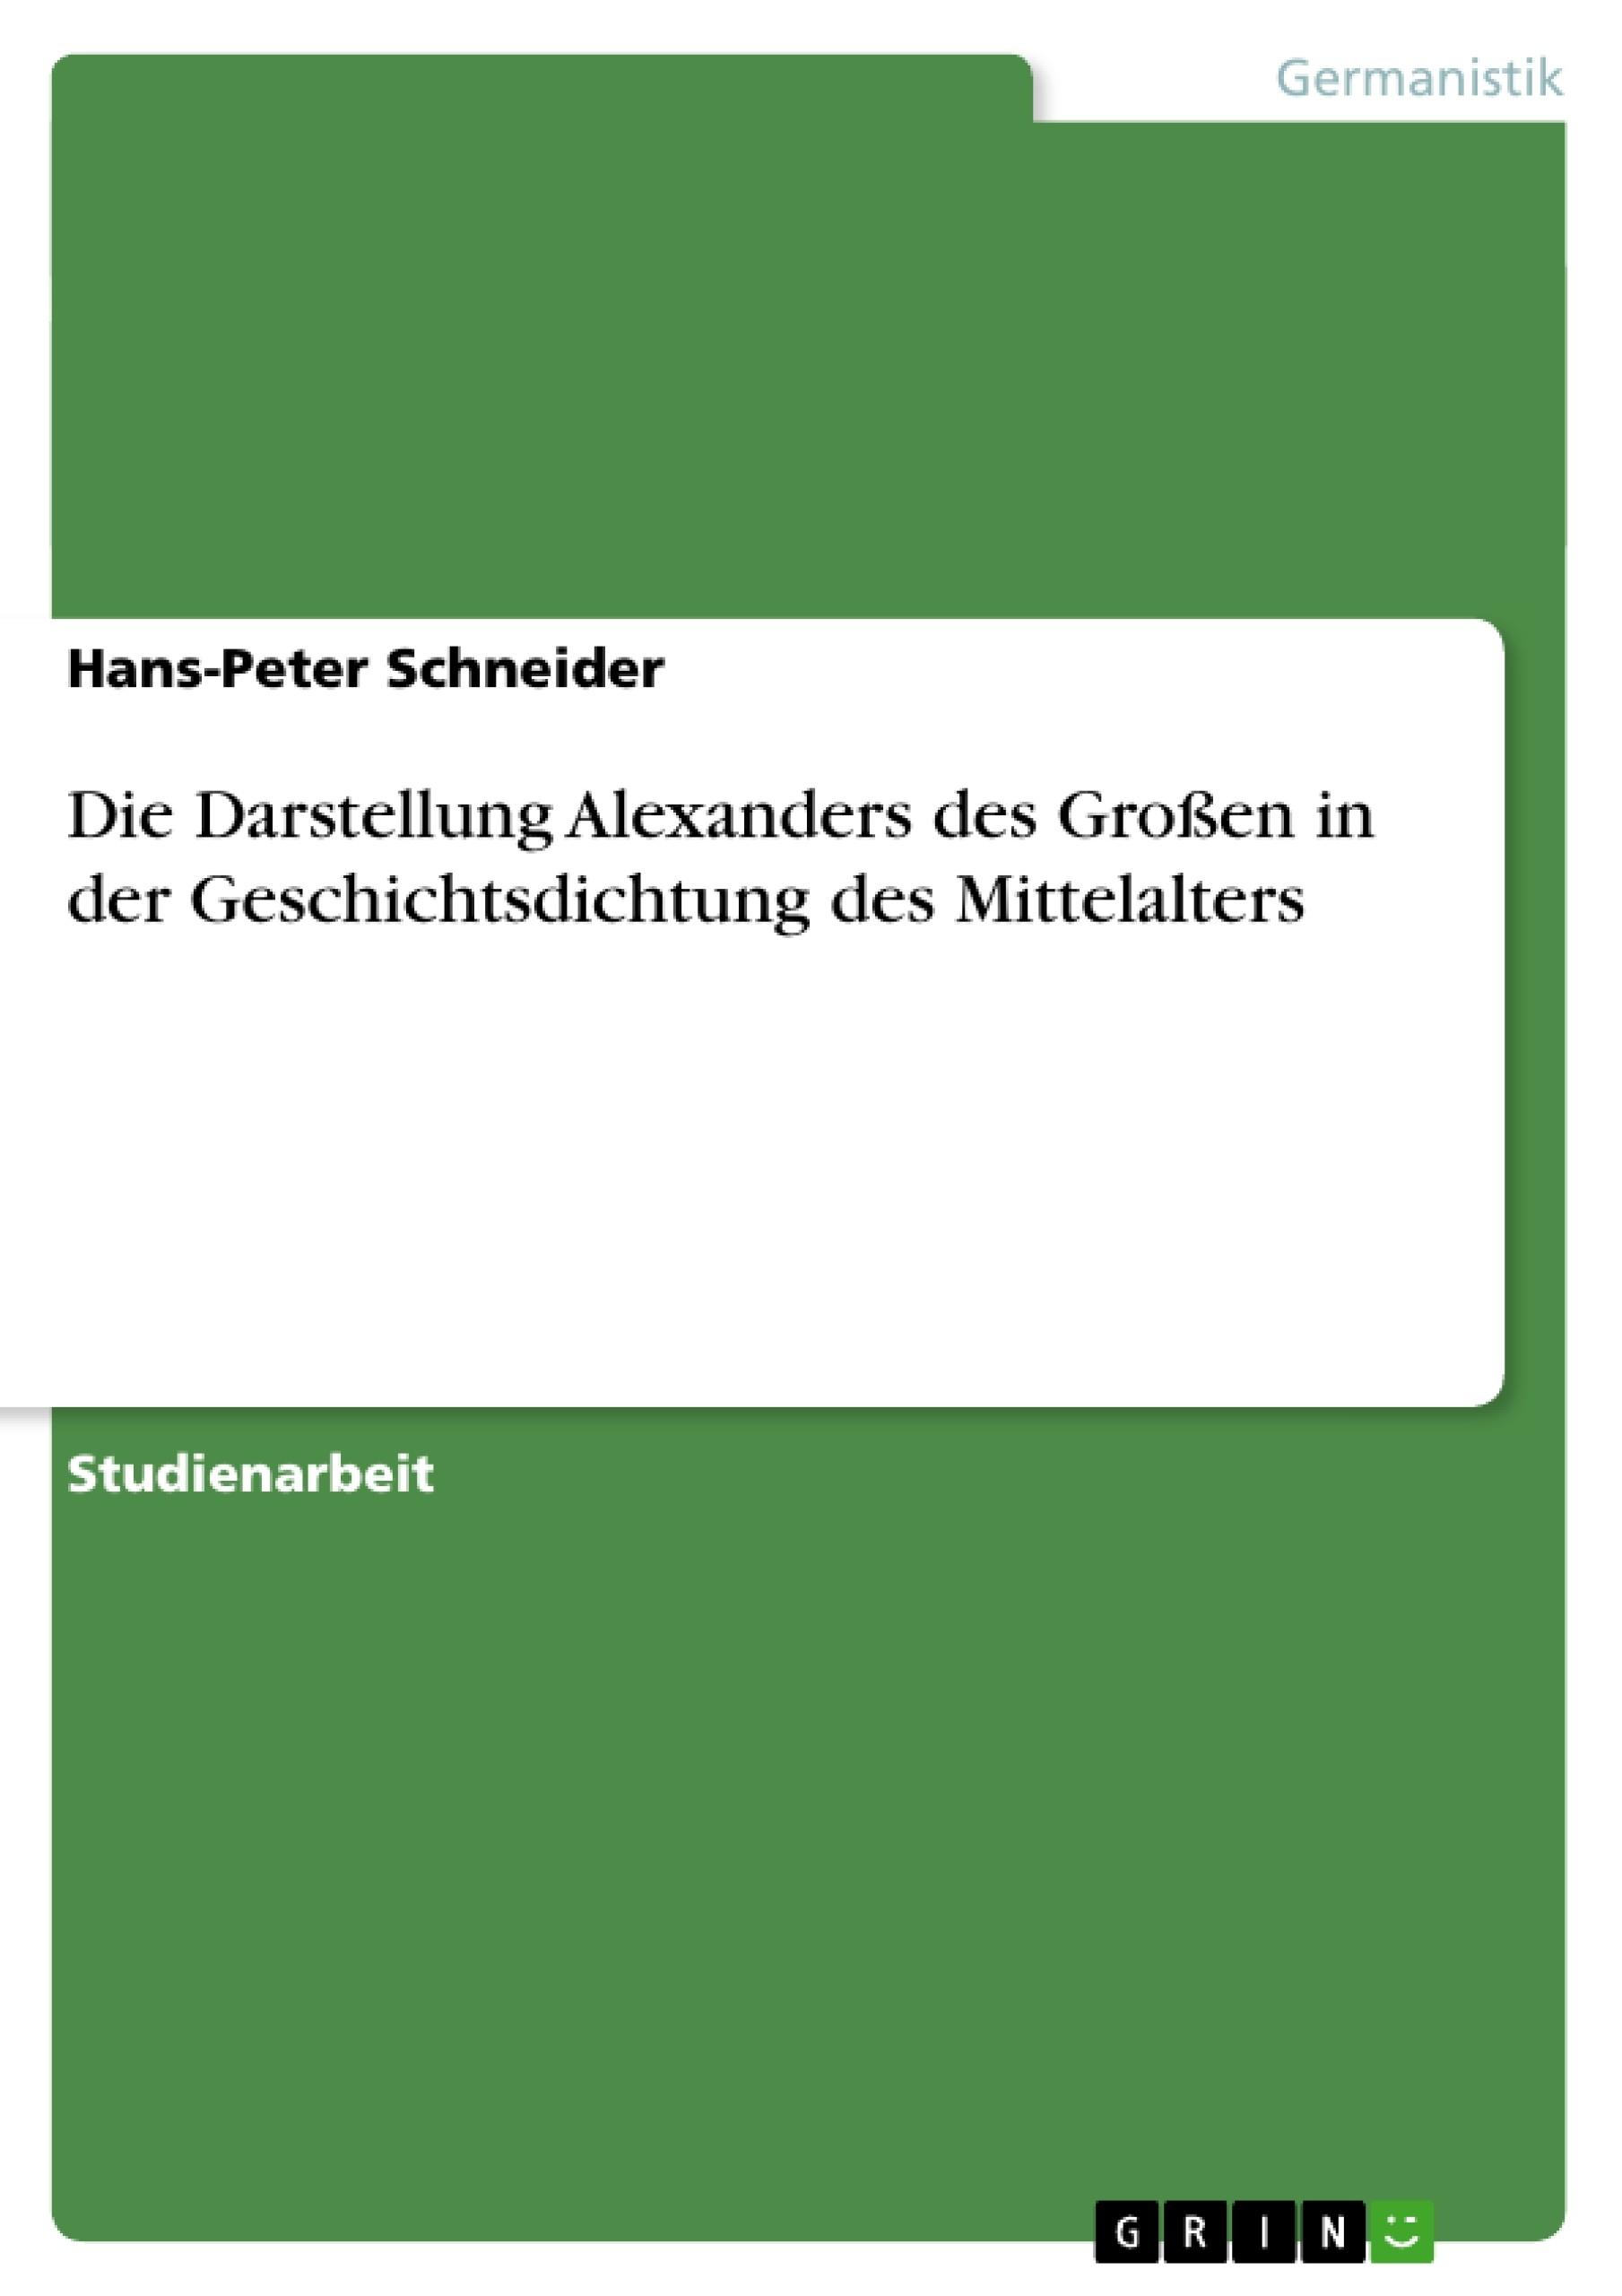 Titel: Die Darstellung Alexanders des Großen in der Geschichtsdichtung des Mittelalters